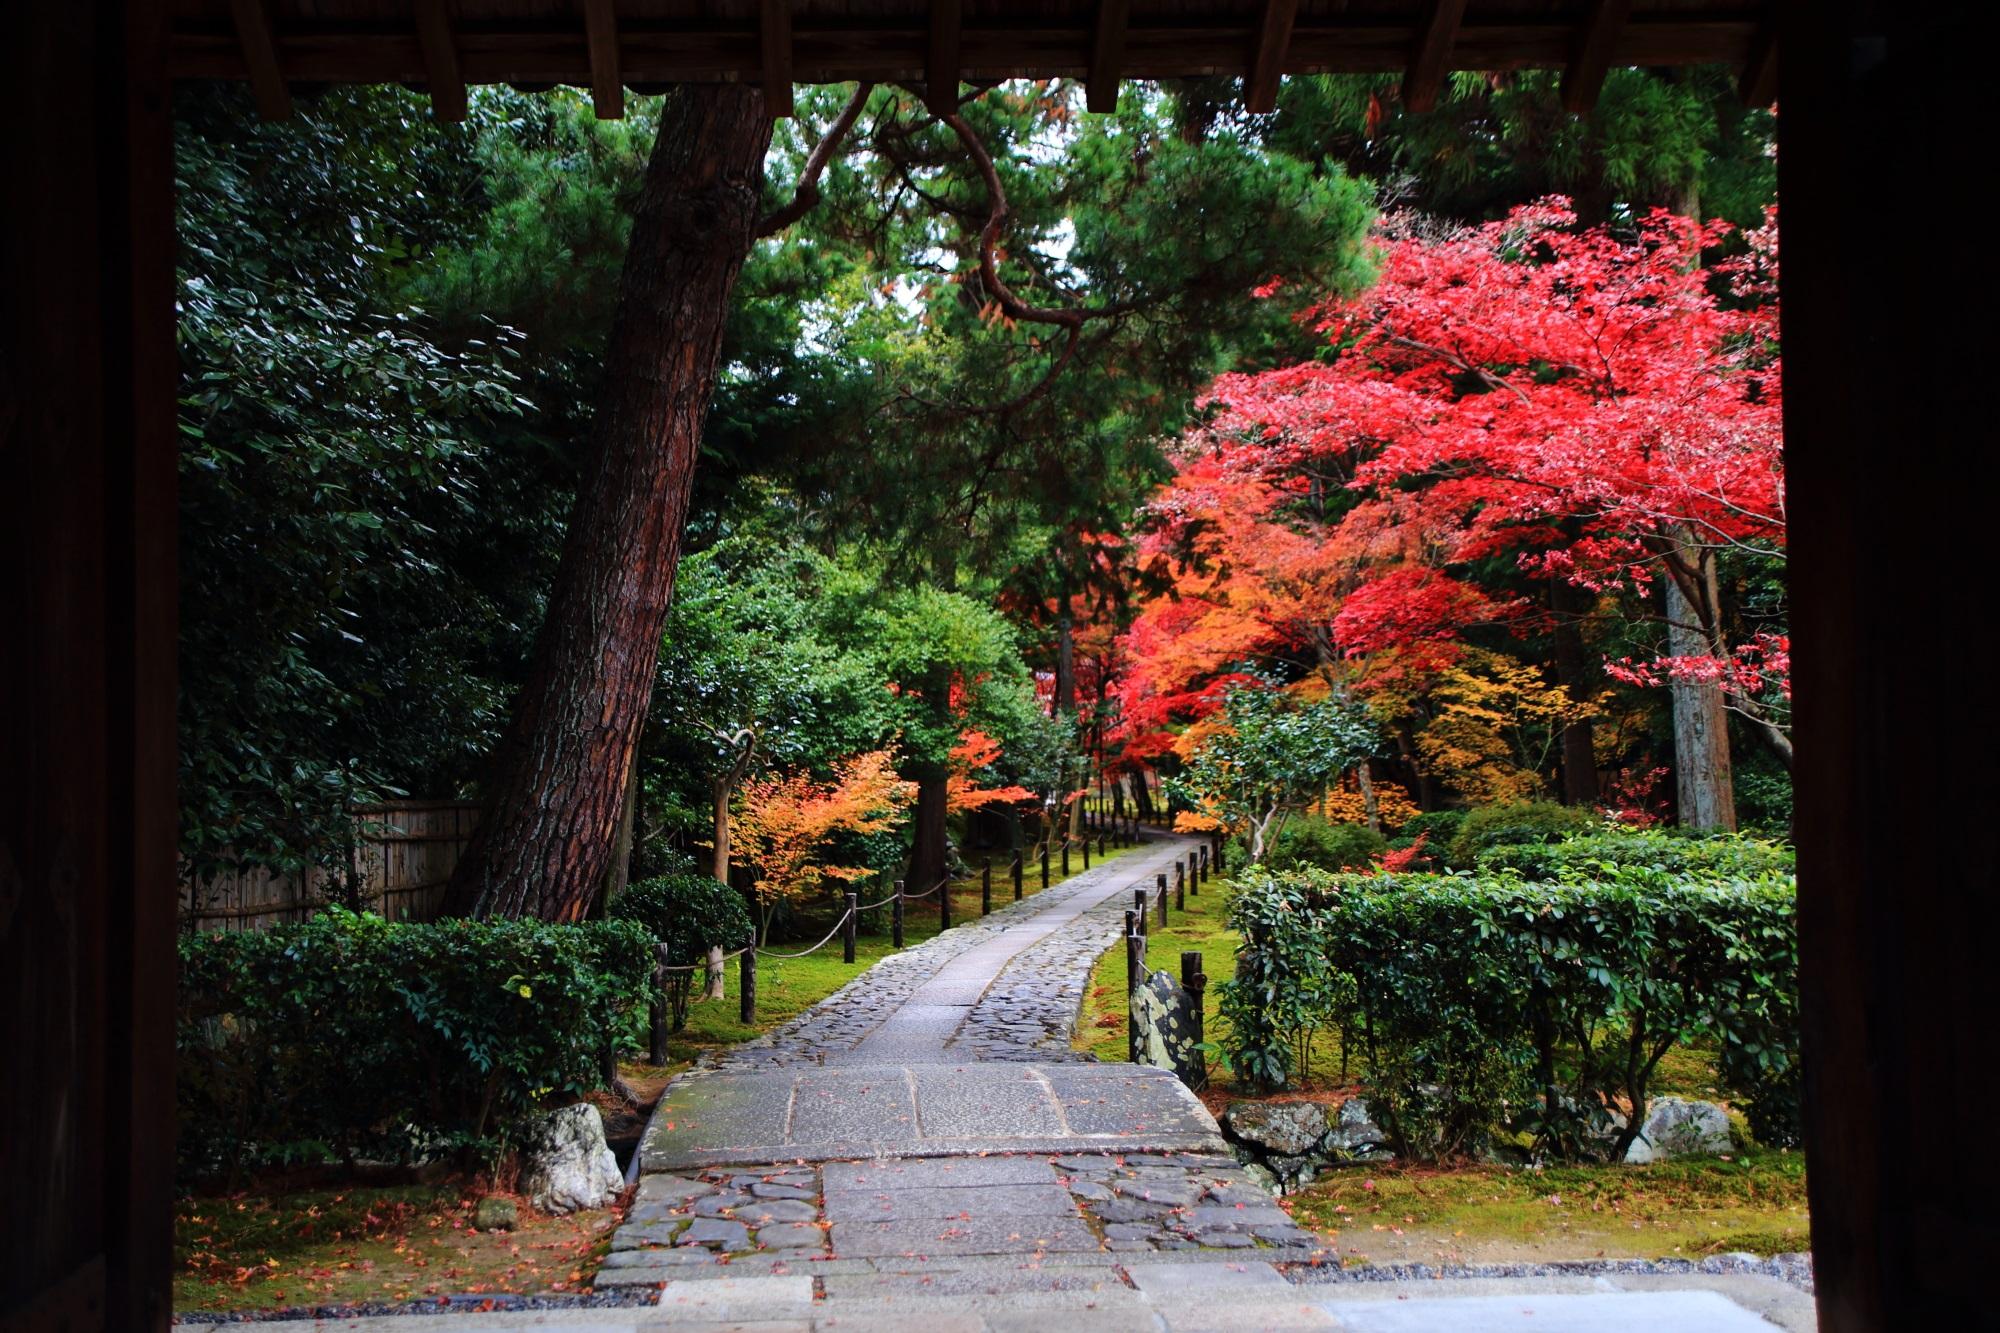 鹿王院の中門から眺めた参道の見ごろの紅葉